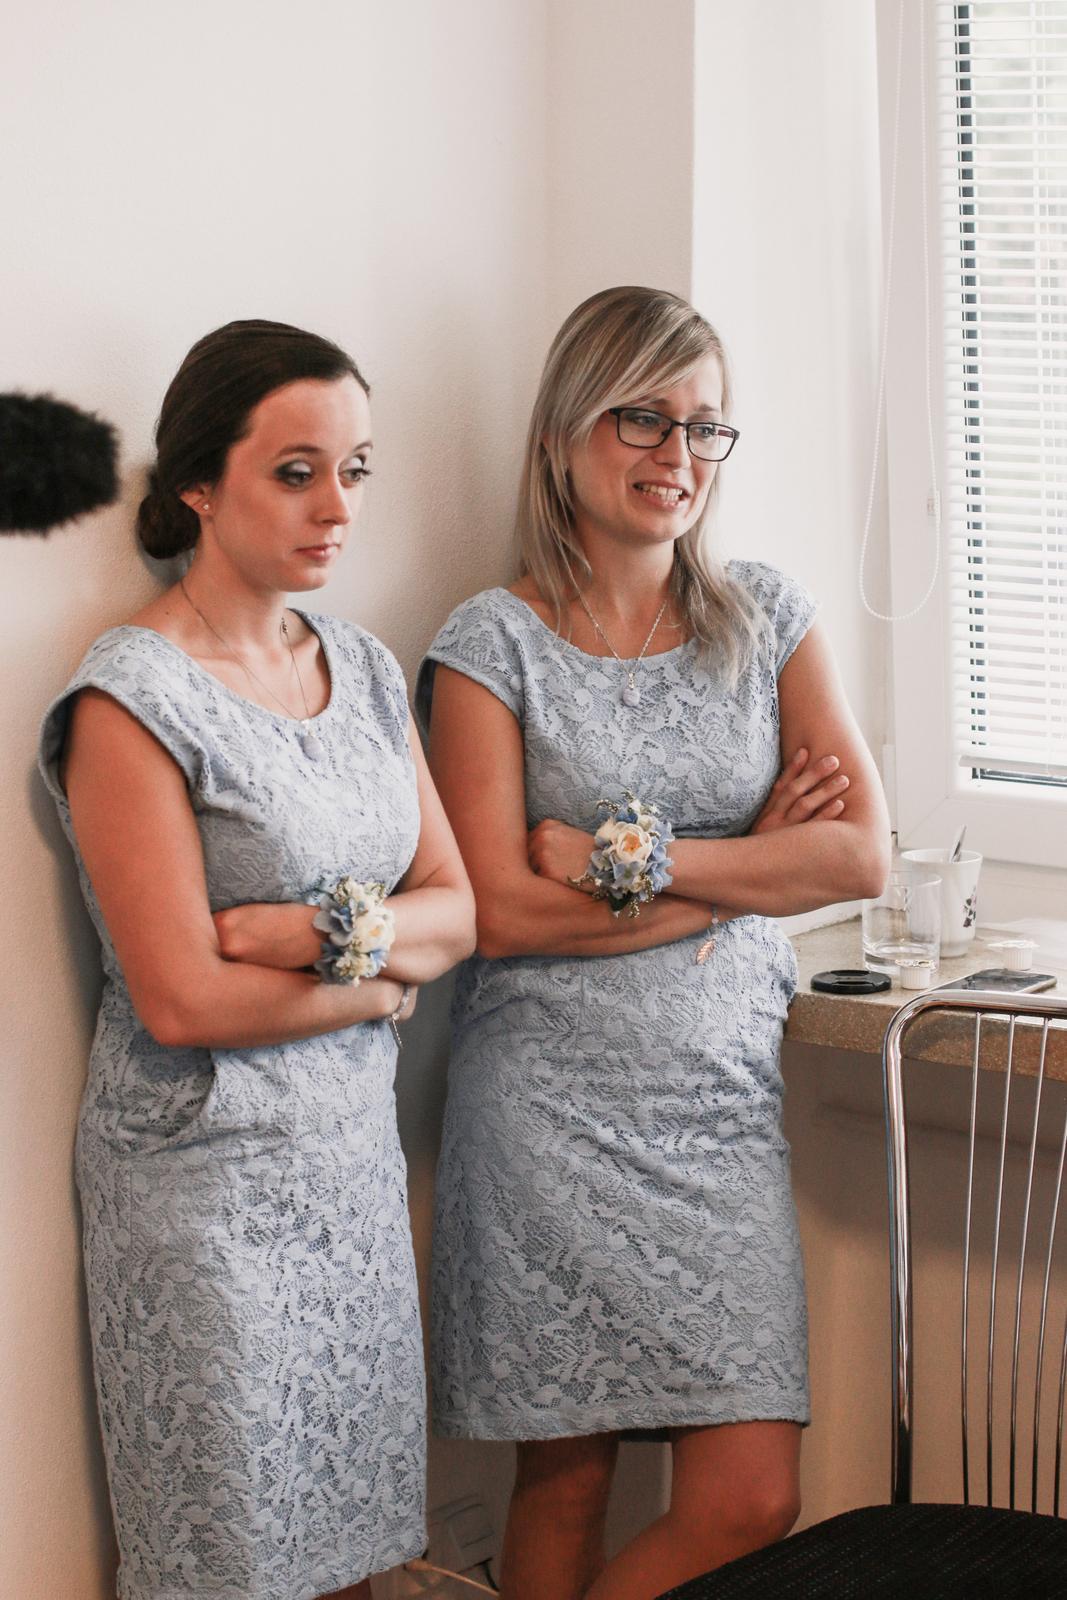 Sabina Topičová{{_AND_}}Ondra Jasenský - Pohodlné šaty, které holky využijí určitě i na jiné společenské události :)